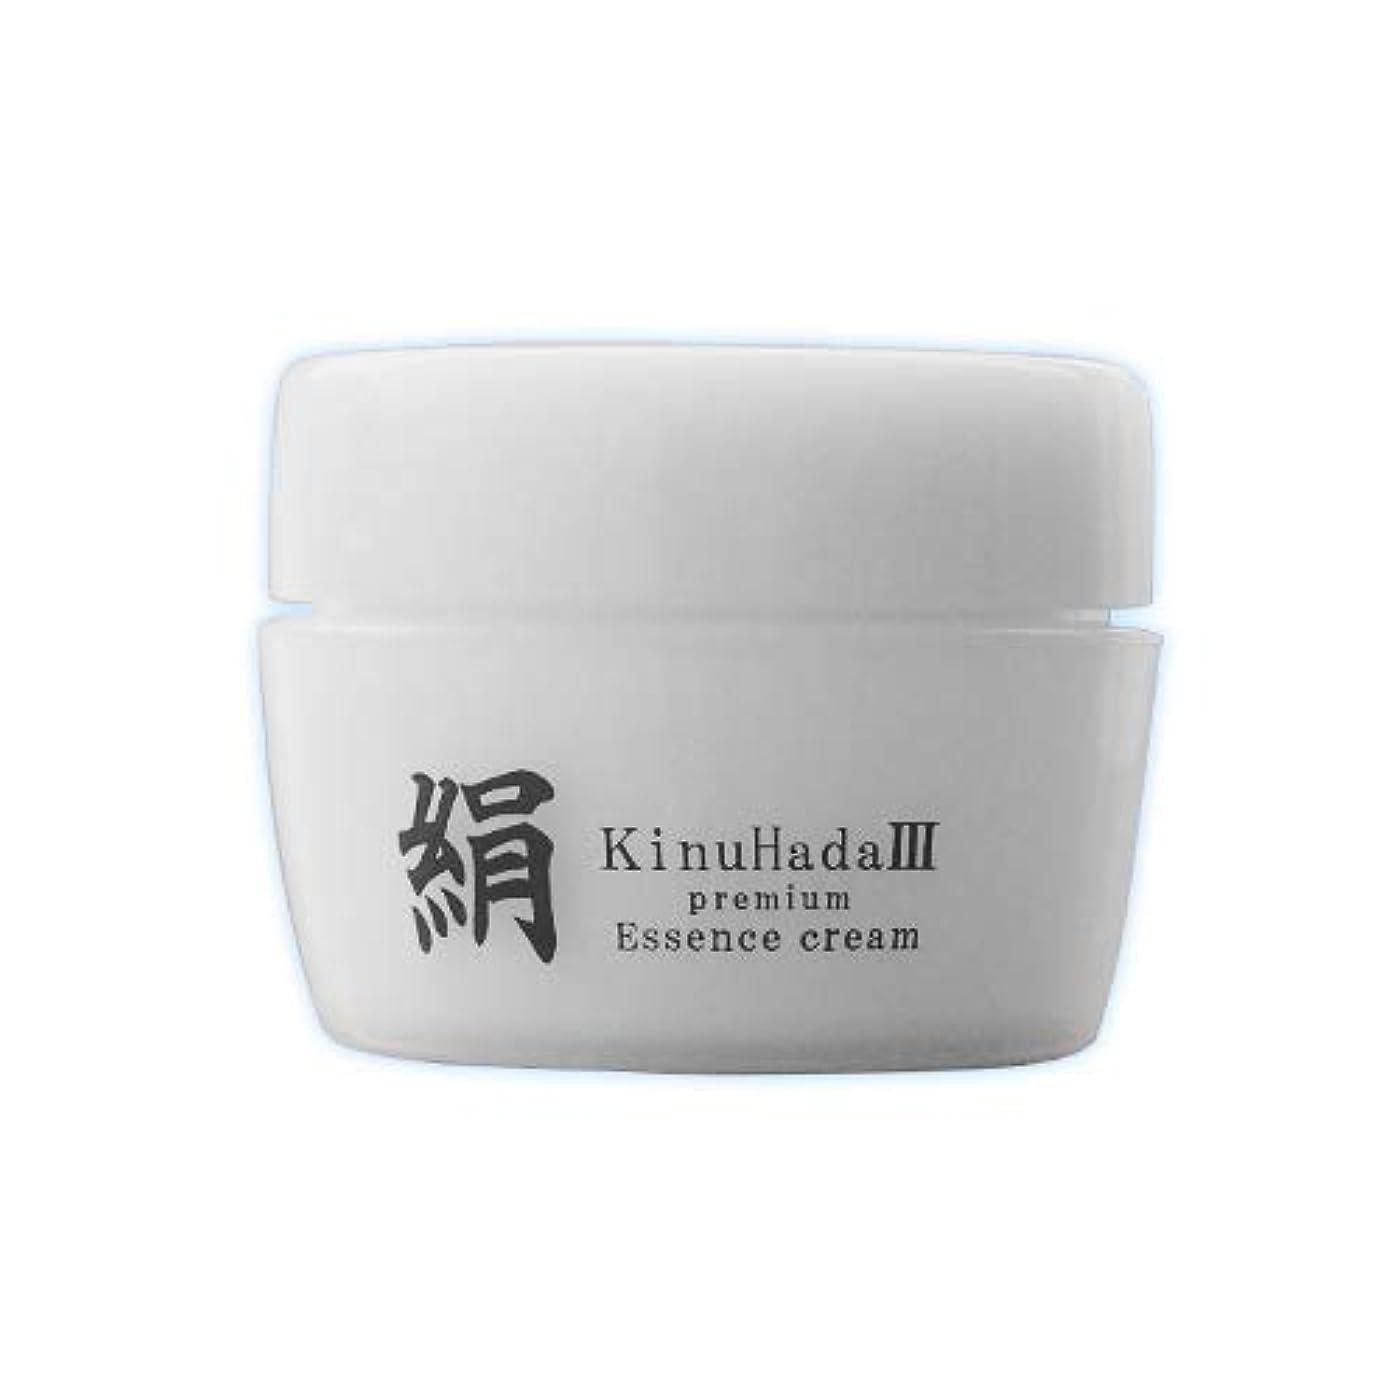 つまずくスパイラル教育学KinuHada 3 premium 60g オールインワン 美容液 絹